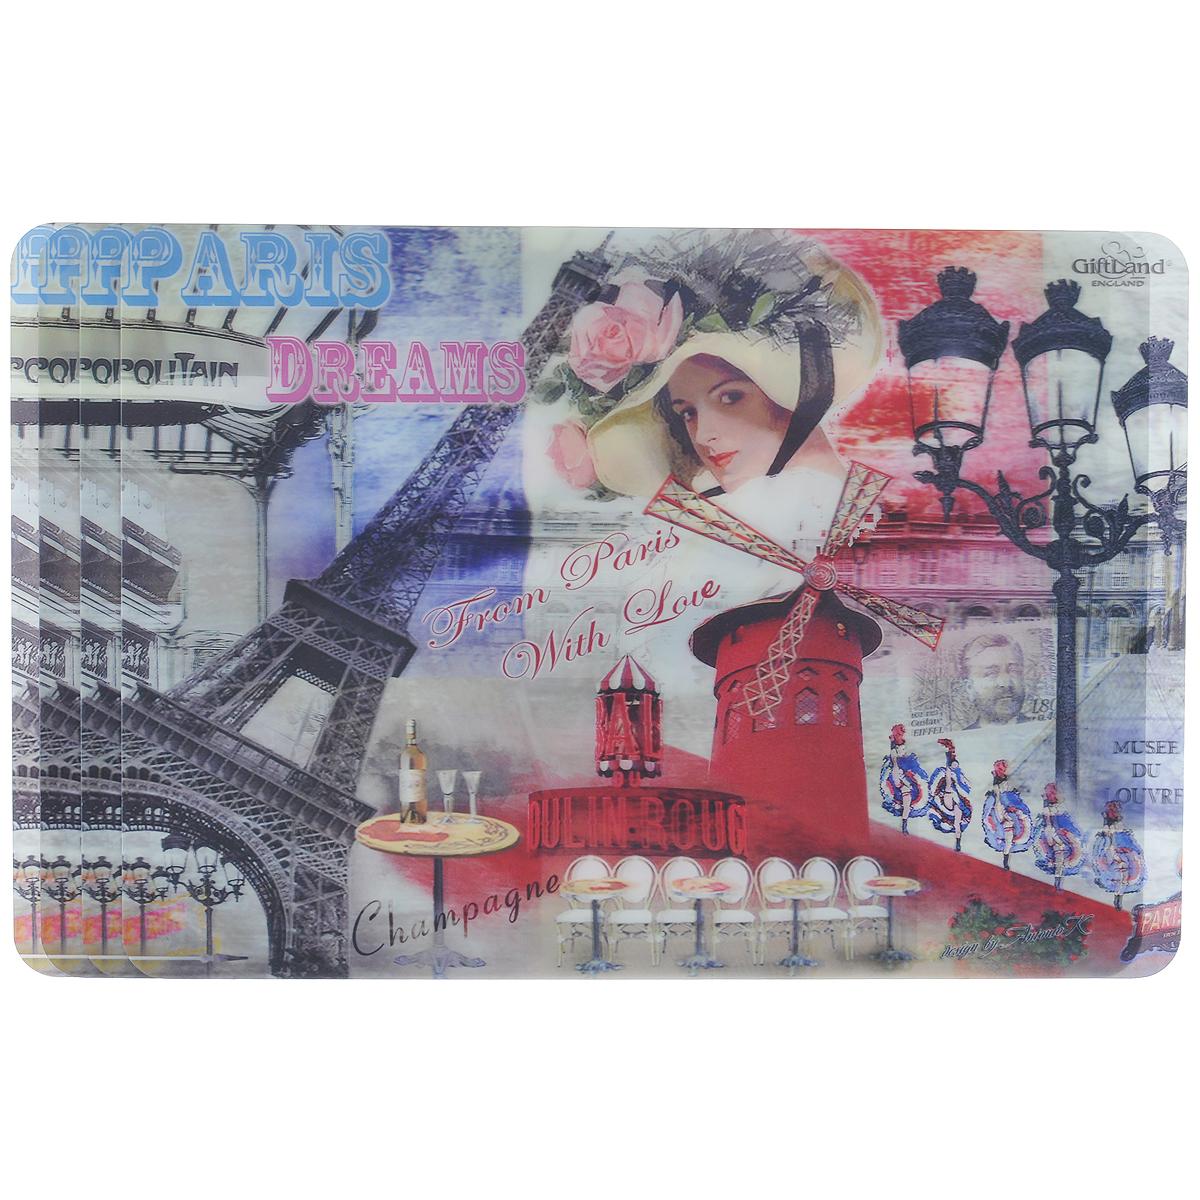 Набор сервировочных салфеток 3D GiftLand Парижские фантазии, 34,5 см х 24,5 см, 4 шт3D-07 ParisНабор GiftLand Парижские фантазии, изготовленный из полипропилена, состоит из четырех сервировочных салфеток с эффектом 3D. Такие салфетки - это отличная идея для сервировки! Салфетки декорированы ярким объемным изображением Эйфелевой башни, девушки в шляпе, мельницы и фонарей. Изделия защищают поверхность стола от воздействия температур, влаги и загрязнений, а также украшают интерьер. Могут использоваться для детского творчества (рисования, лепки из пластилина) в качестве защитного покрытия, подставки под вазы, кухонные приборы. Размер салфетки: 34,5 см х 24,5 см.